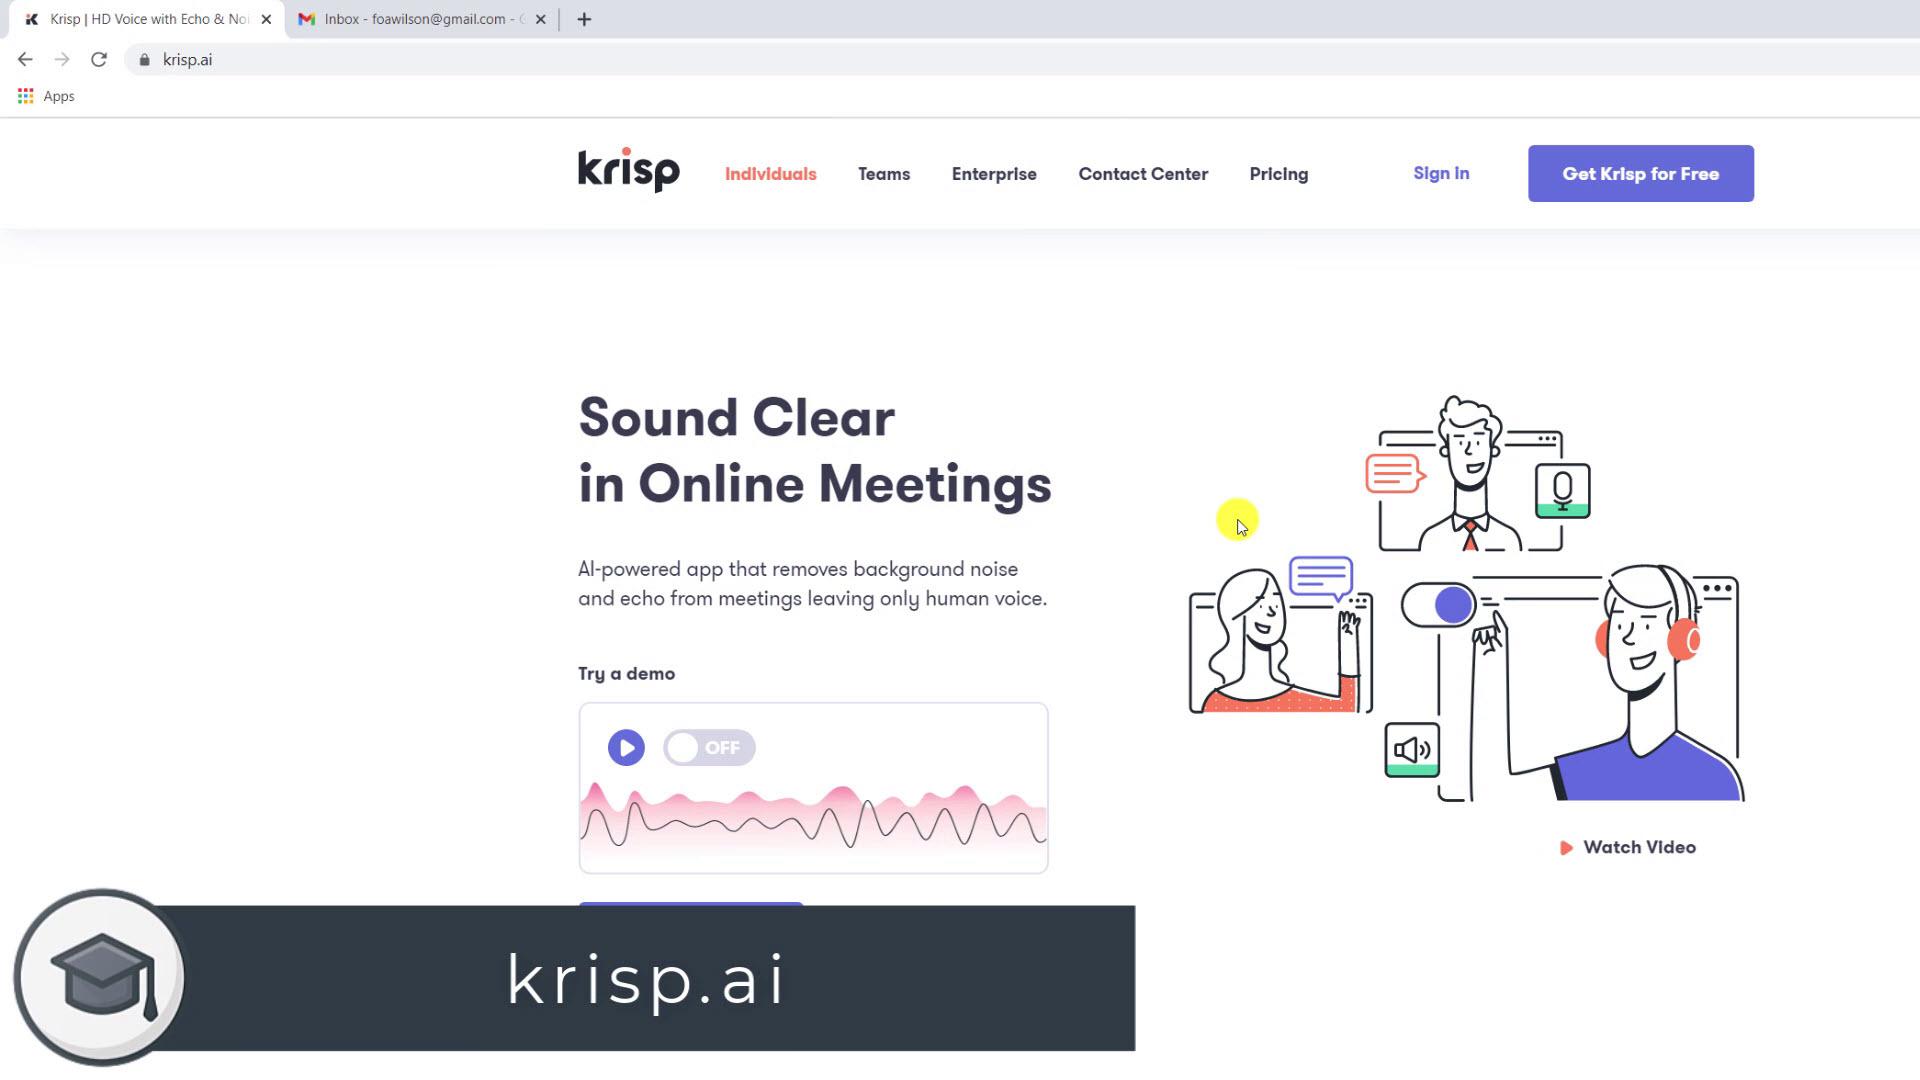 Download Krisp from krisp.ai